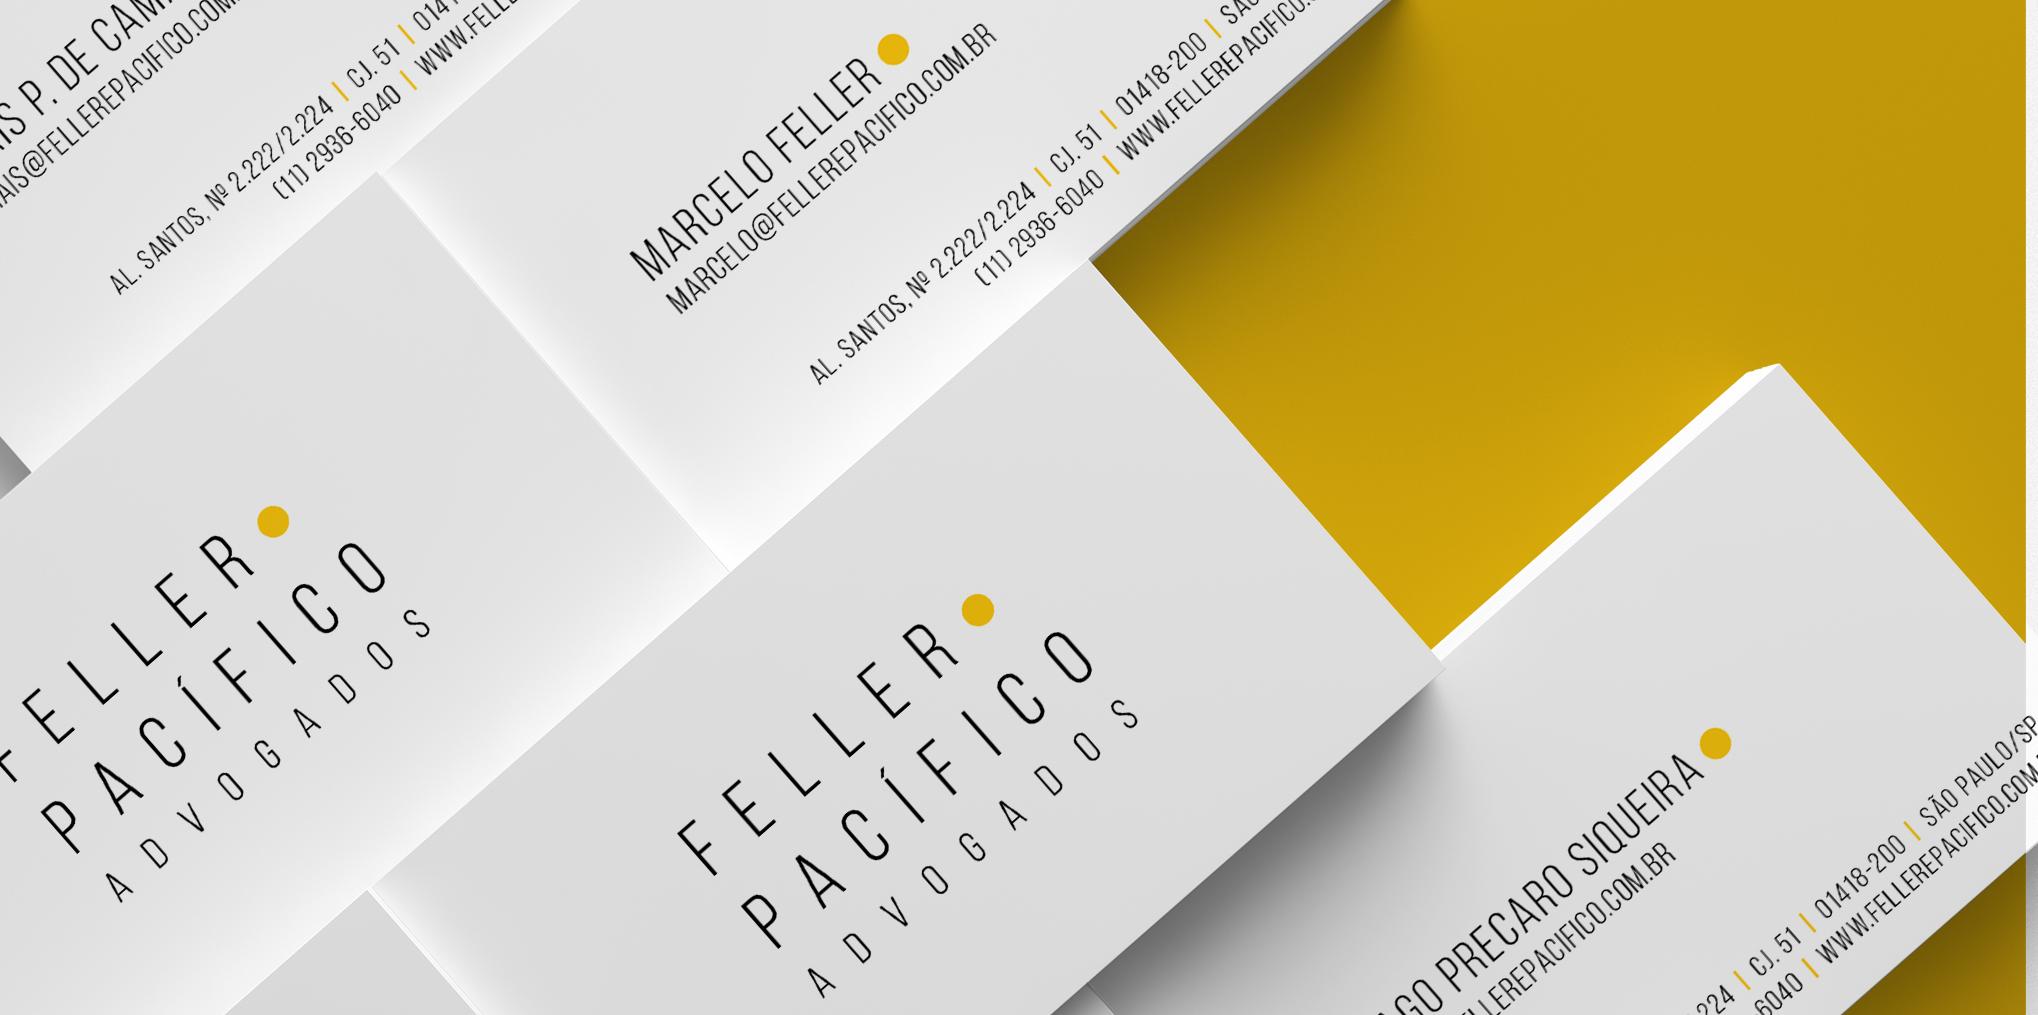 Logomarca Feller e Pacífico Advogado